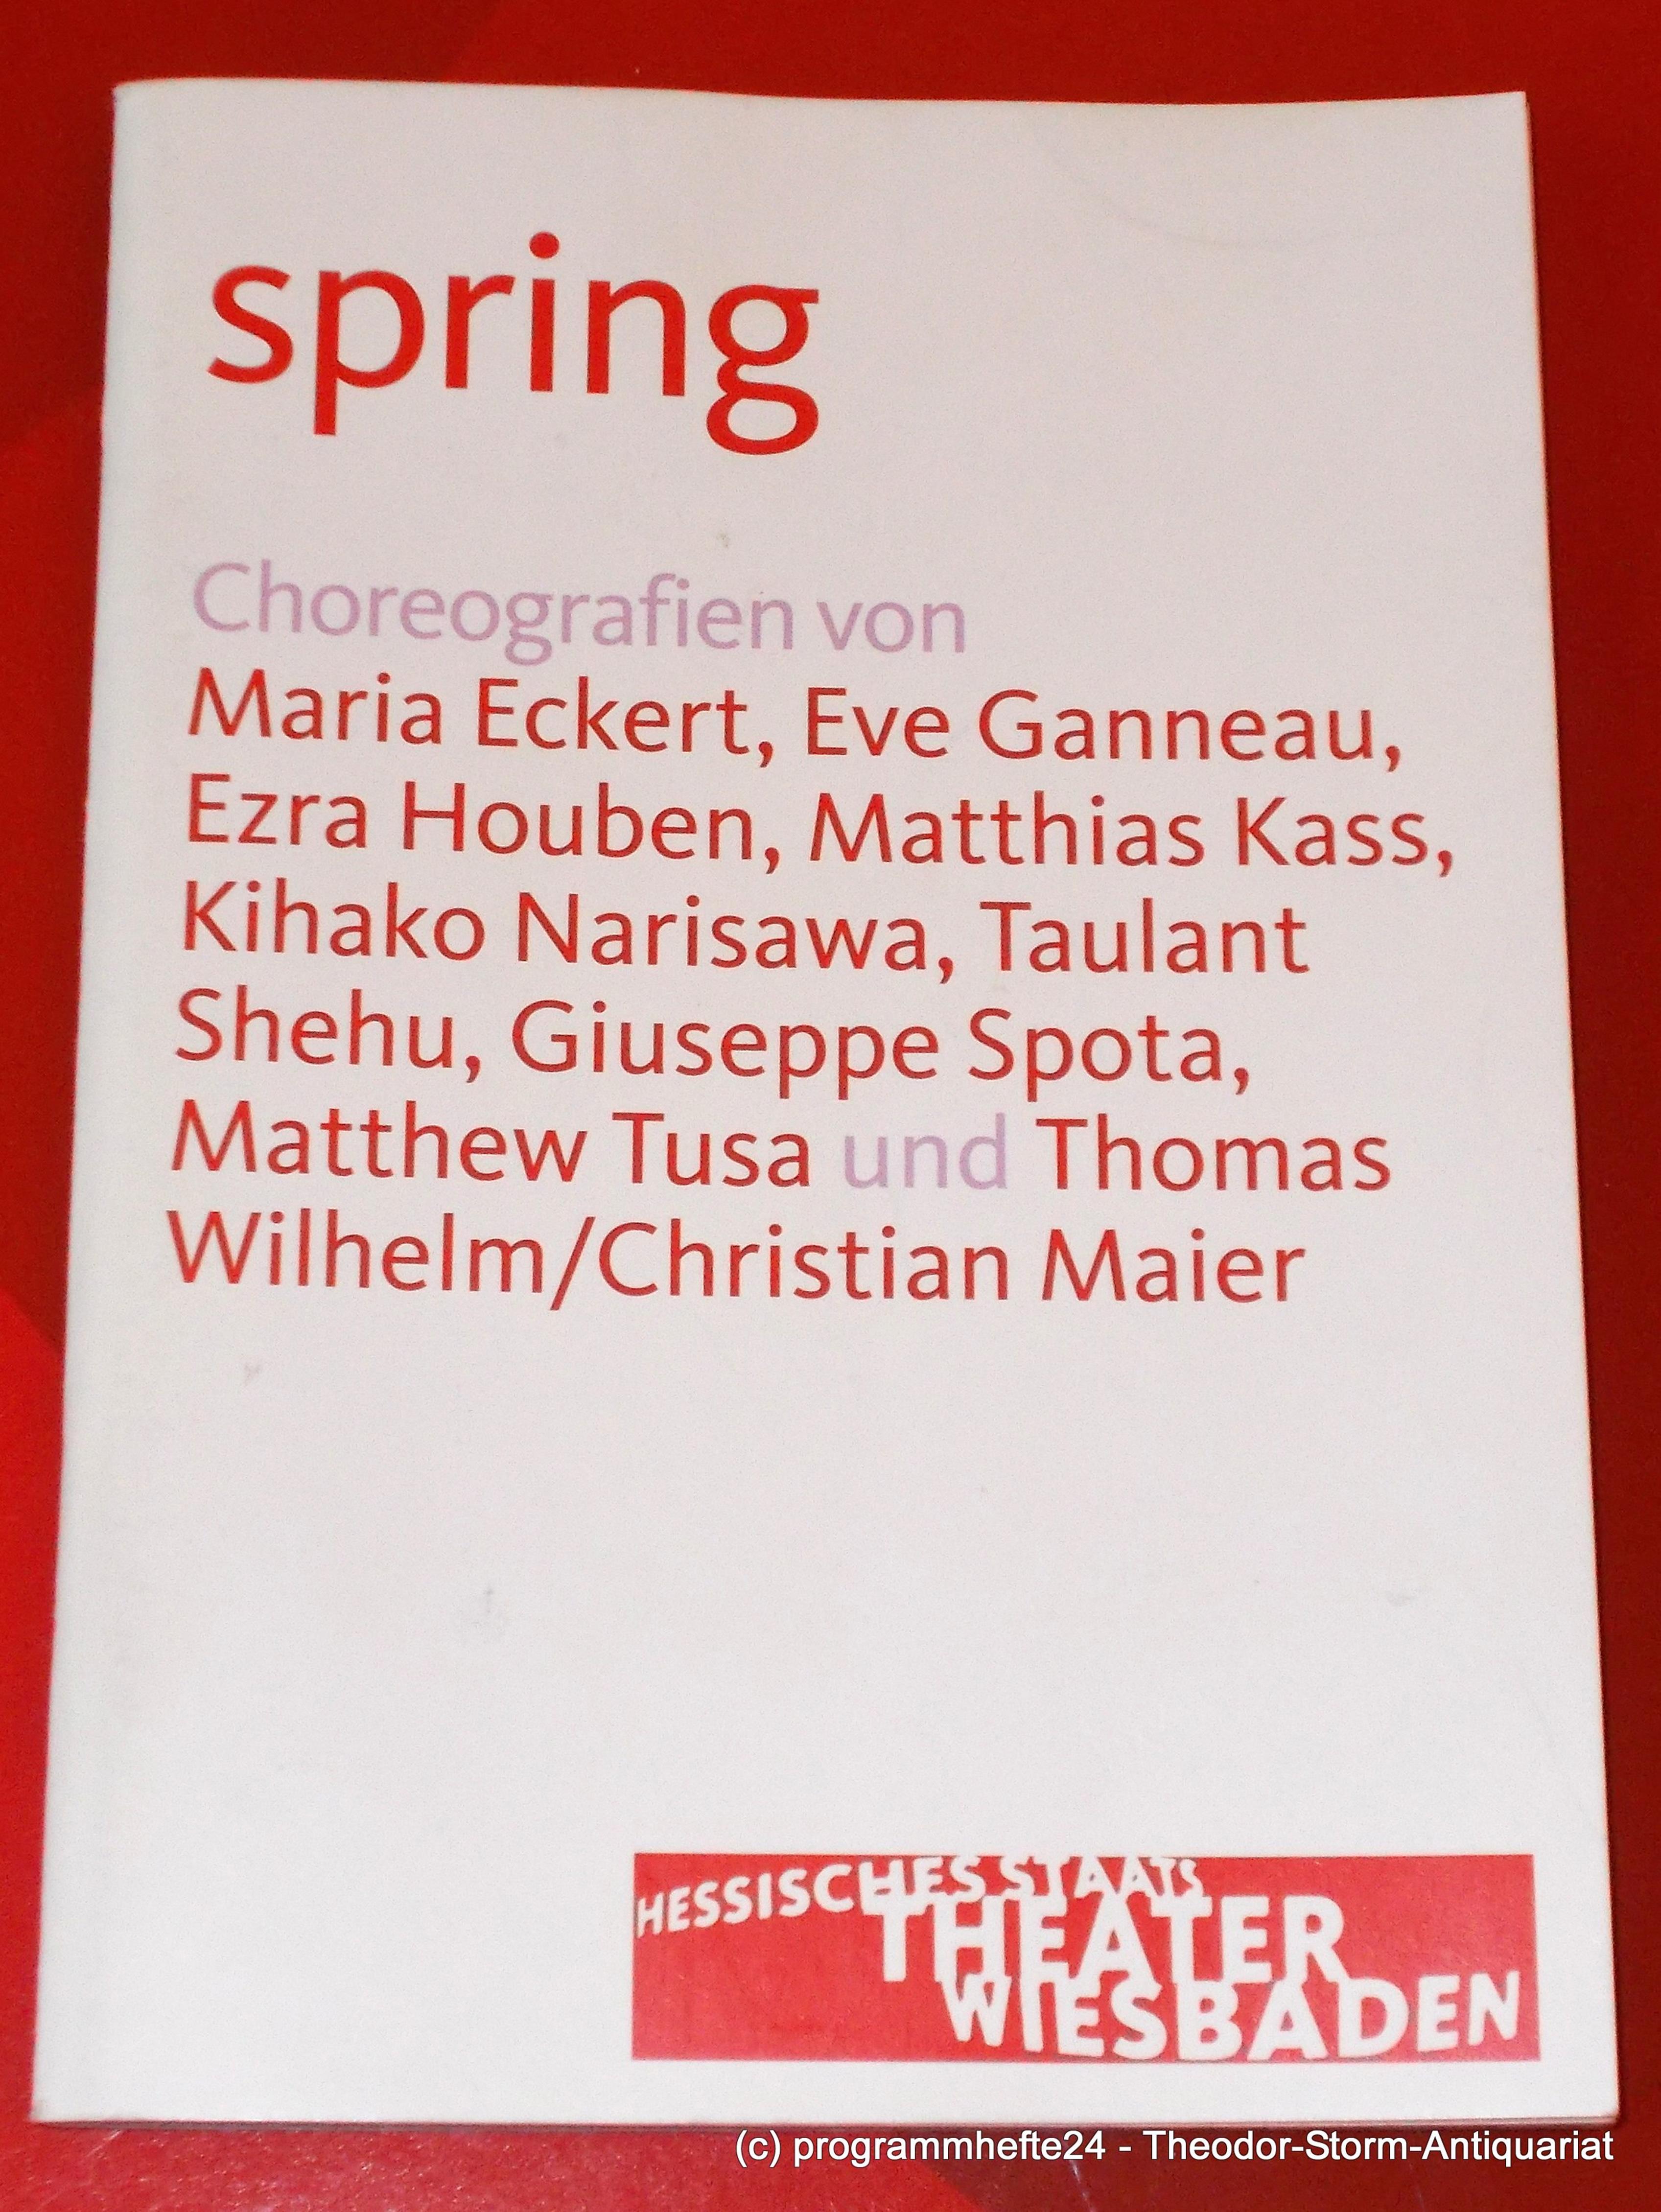 Programmheft spring. Choreografien von Maria Eckert, Eve Ganneau Wiesbaden 2011